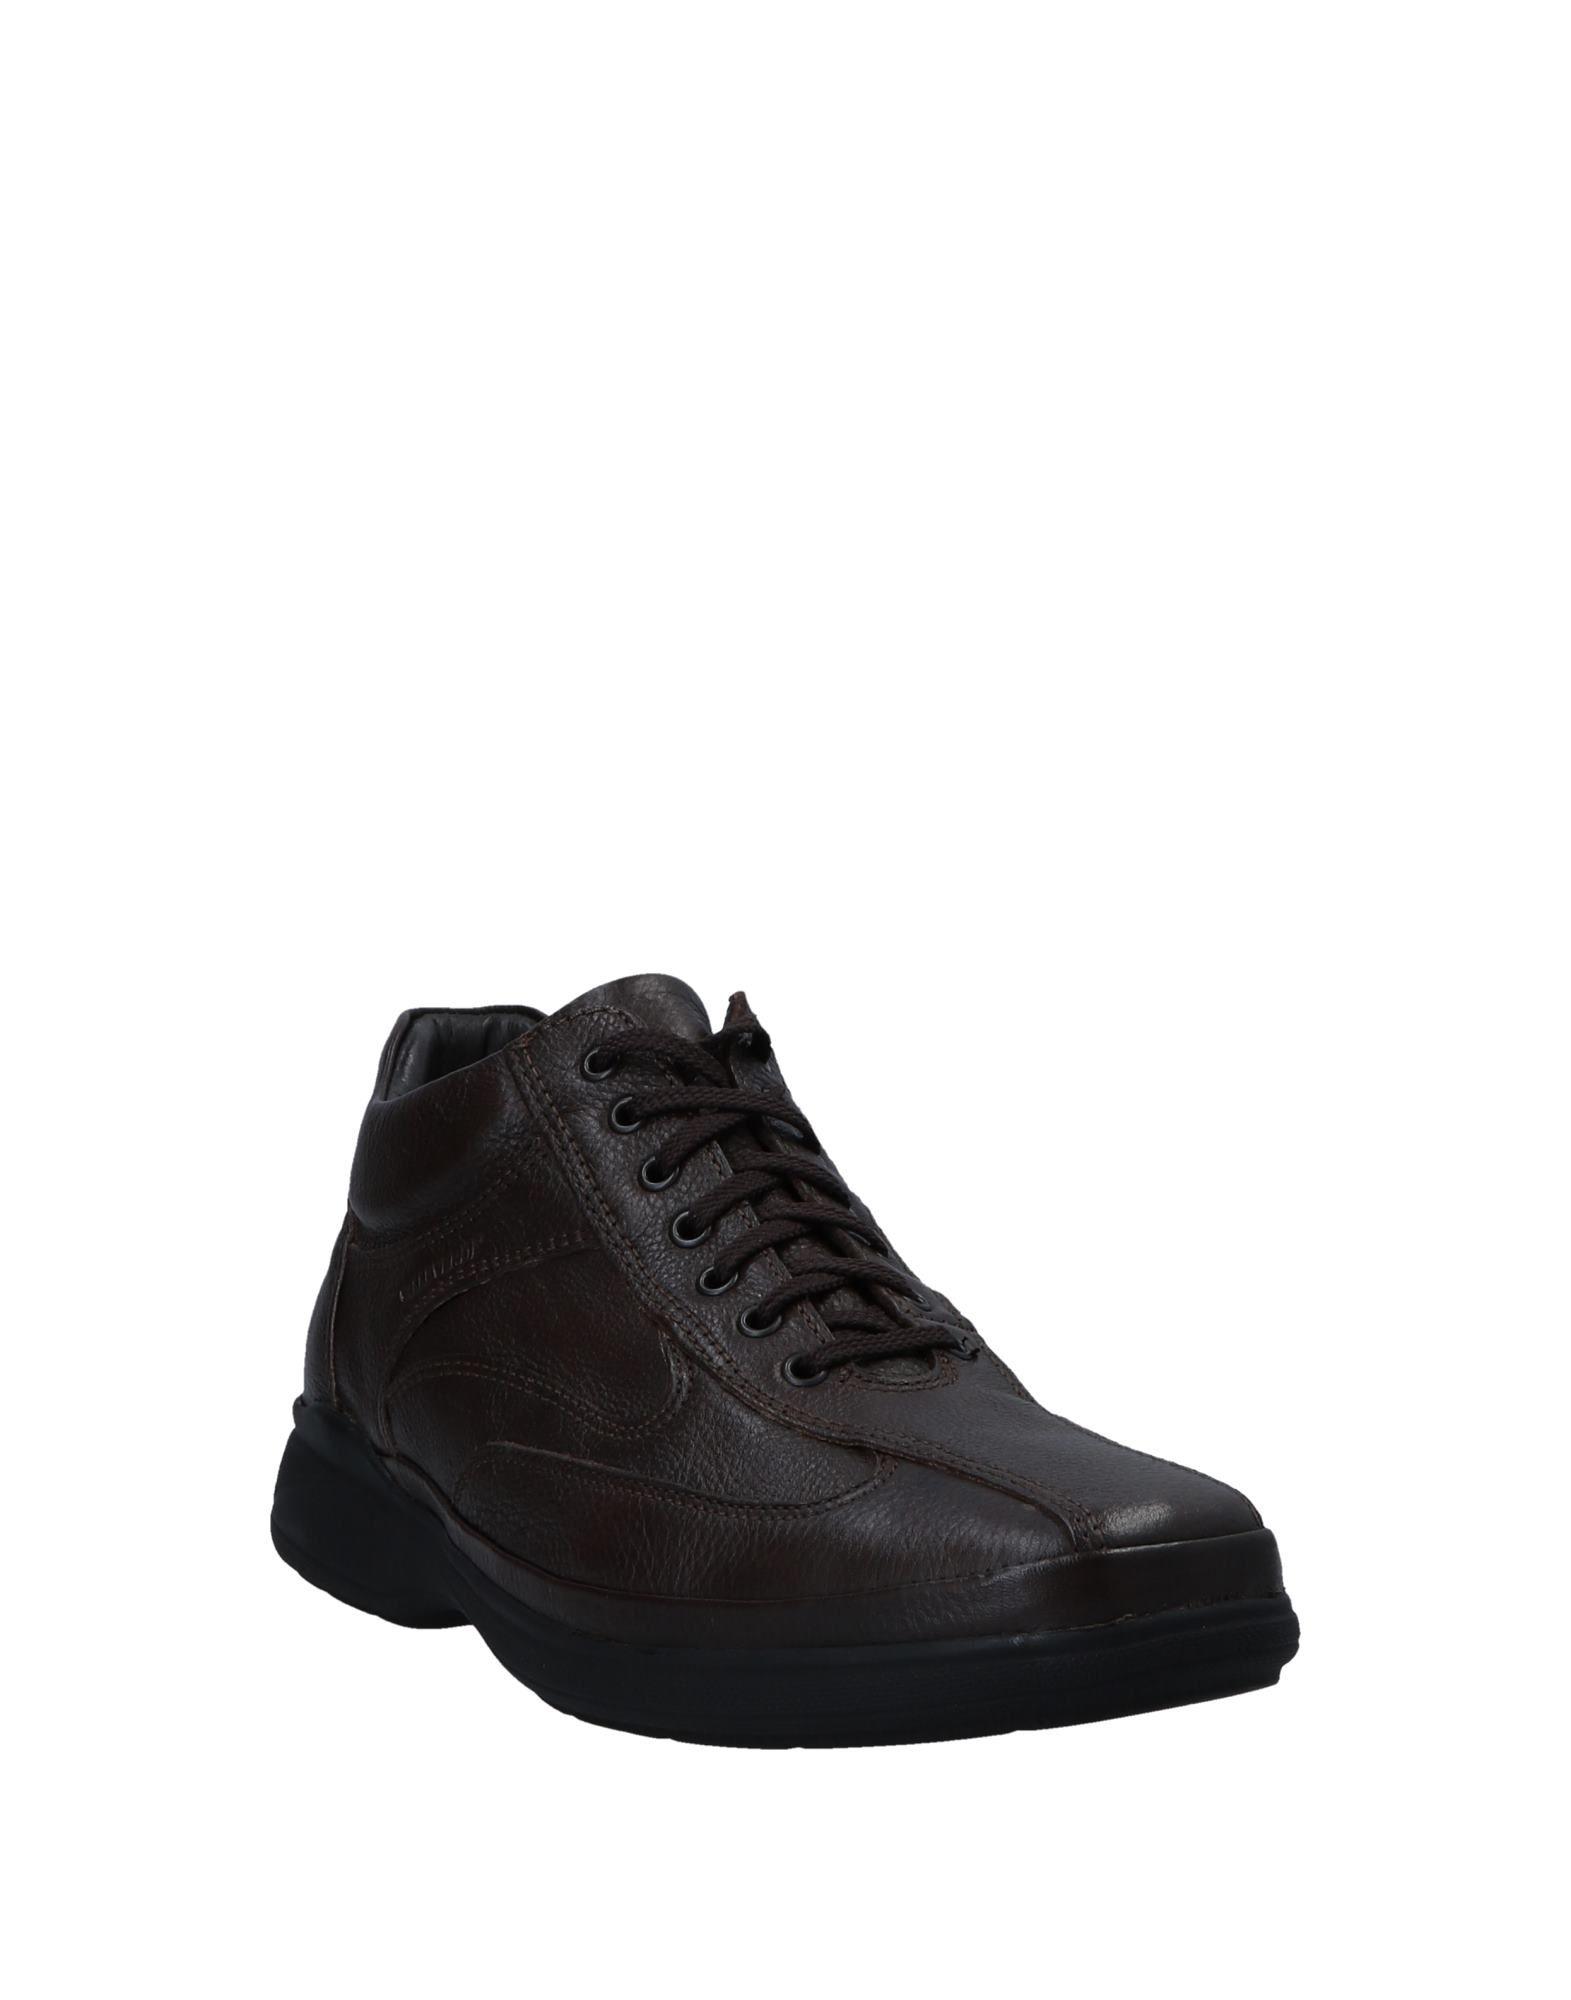 Rabatt echte  Schuhe Valleverde Sneakers Herren  echte 11552022RT bb538a